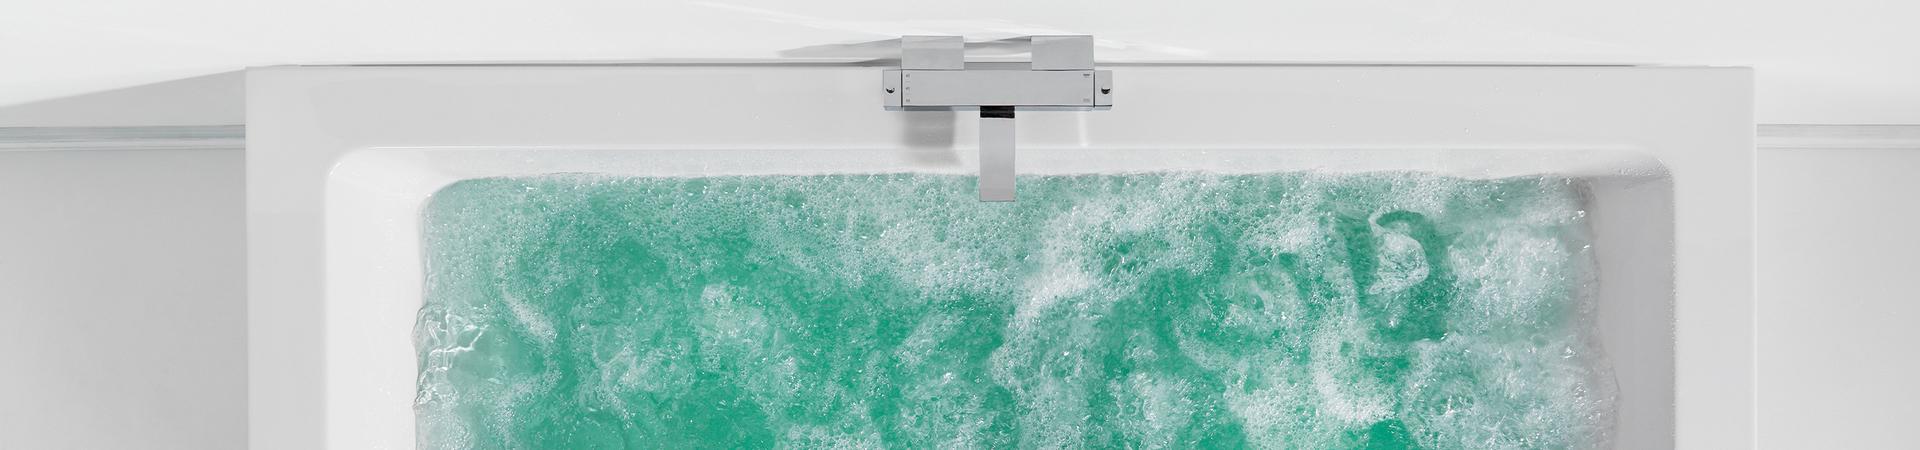 Materiaal van een ligbad: dit zijn de verschillen - Materiaal van een ligbad: dit zijn de verschillen